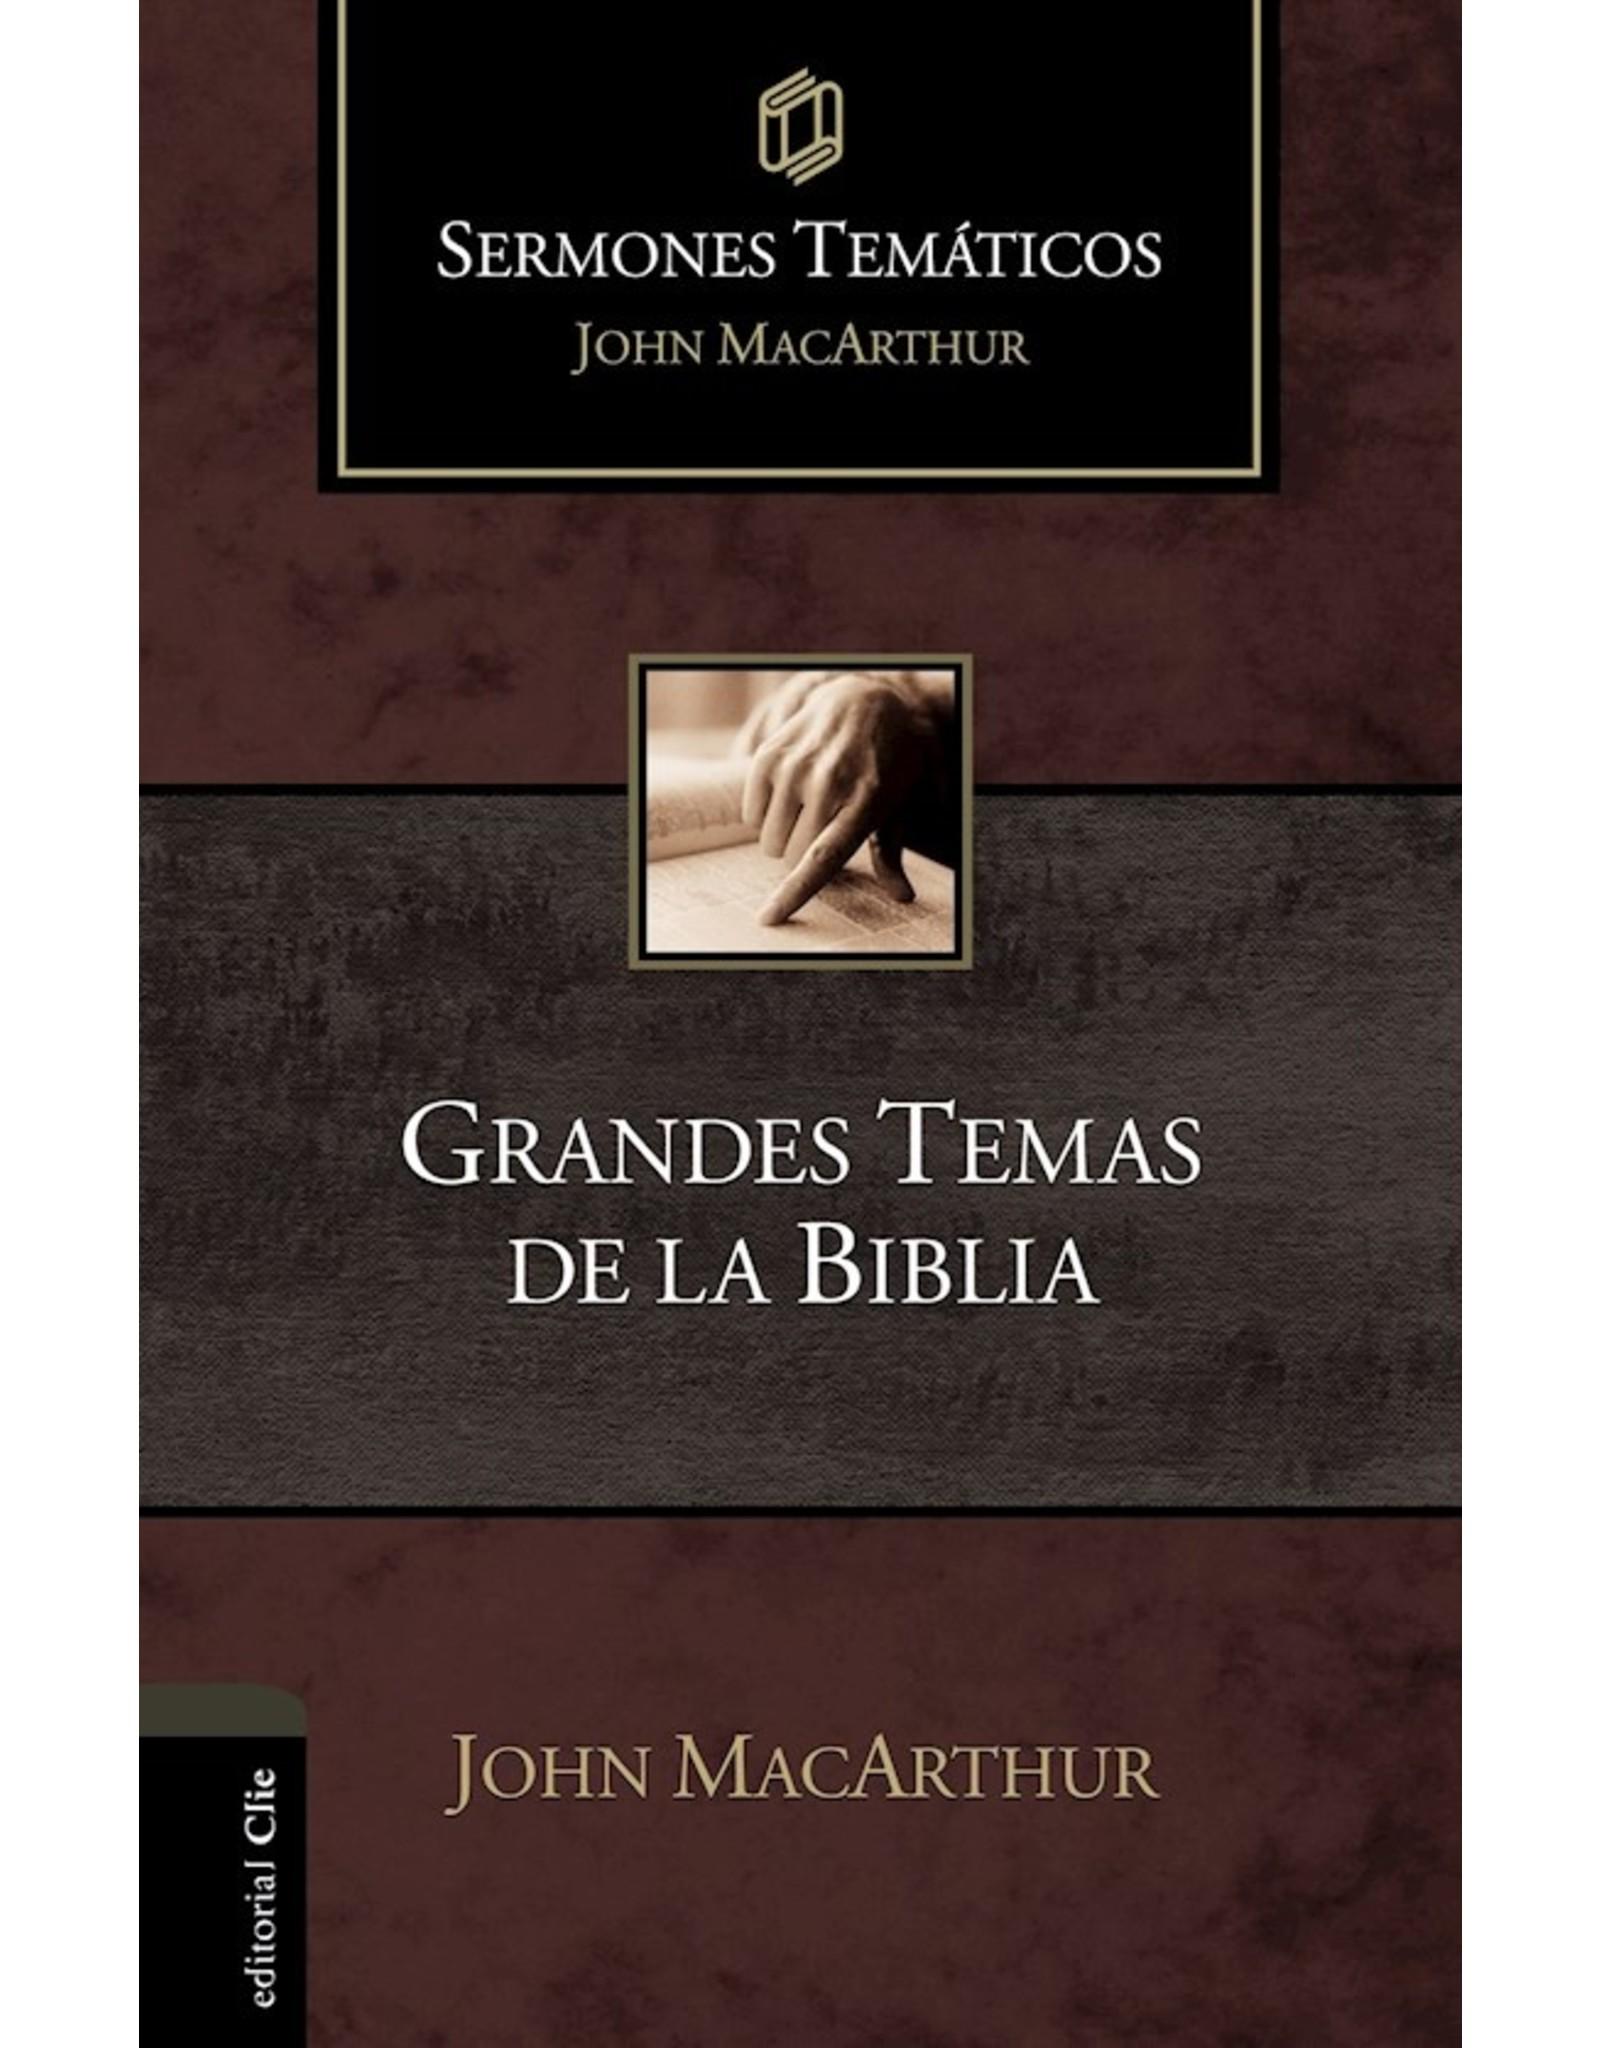 Harper Collins / Thomas Nelson / Zondervan Grandes Temas de la Biblia (Sermones temáticos MacArthur)